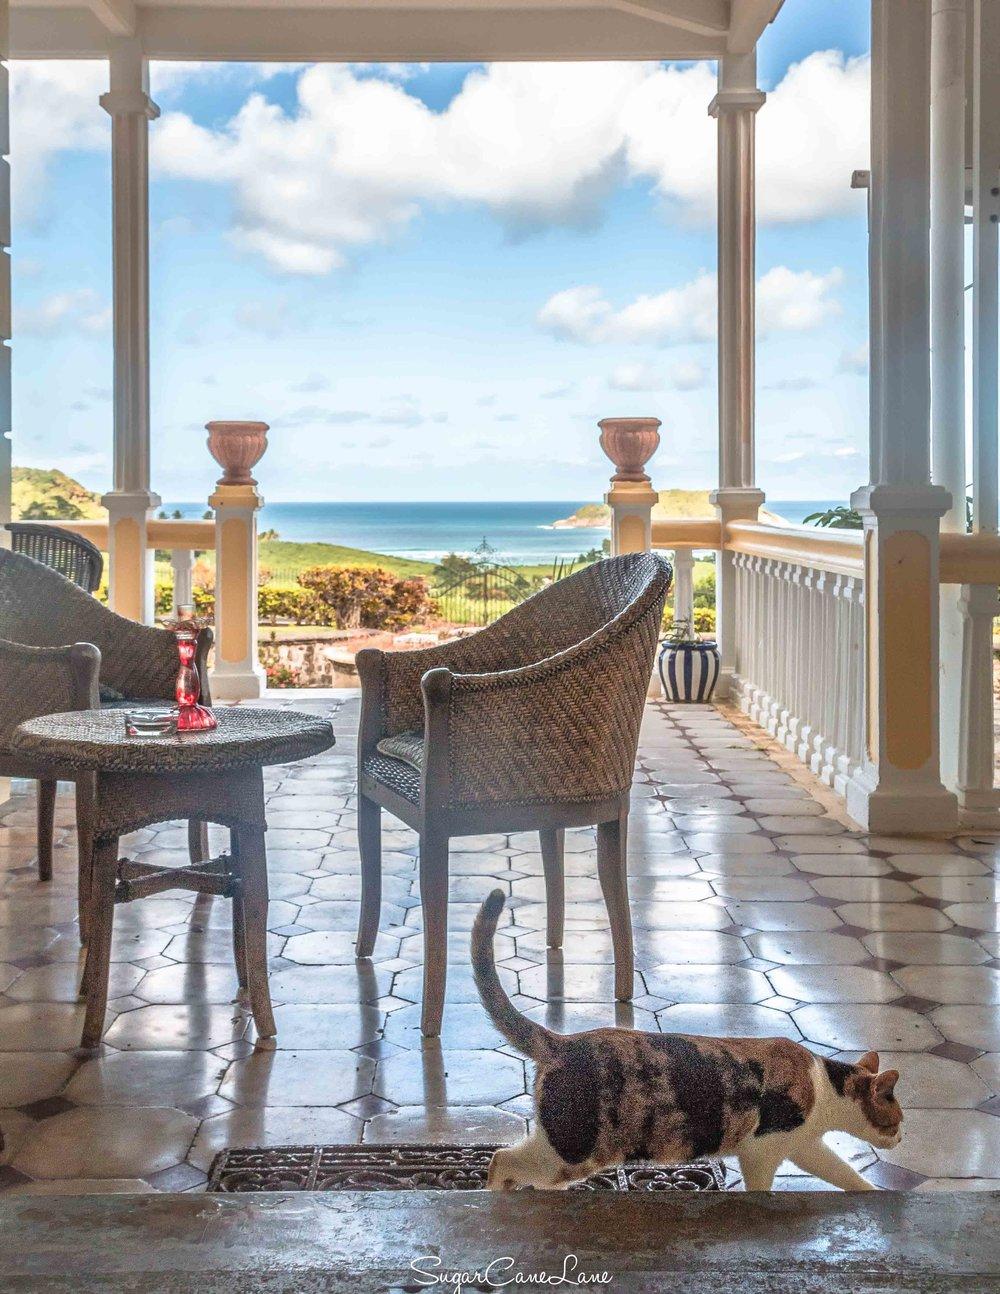 martinique, domaine saint-aubin : chat sur veranda